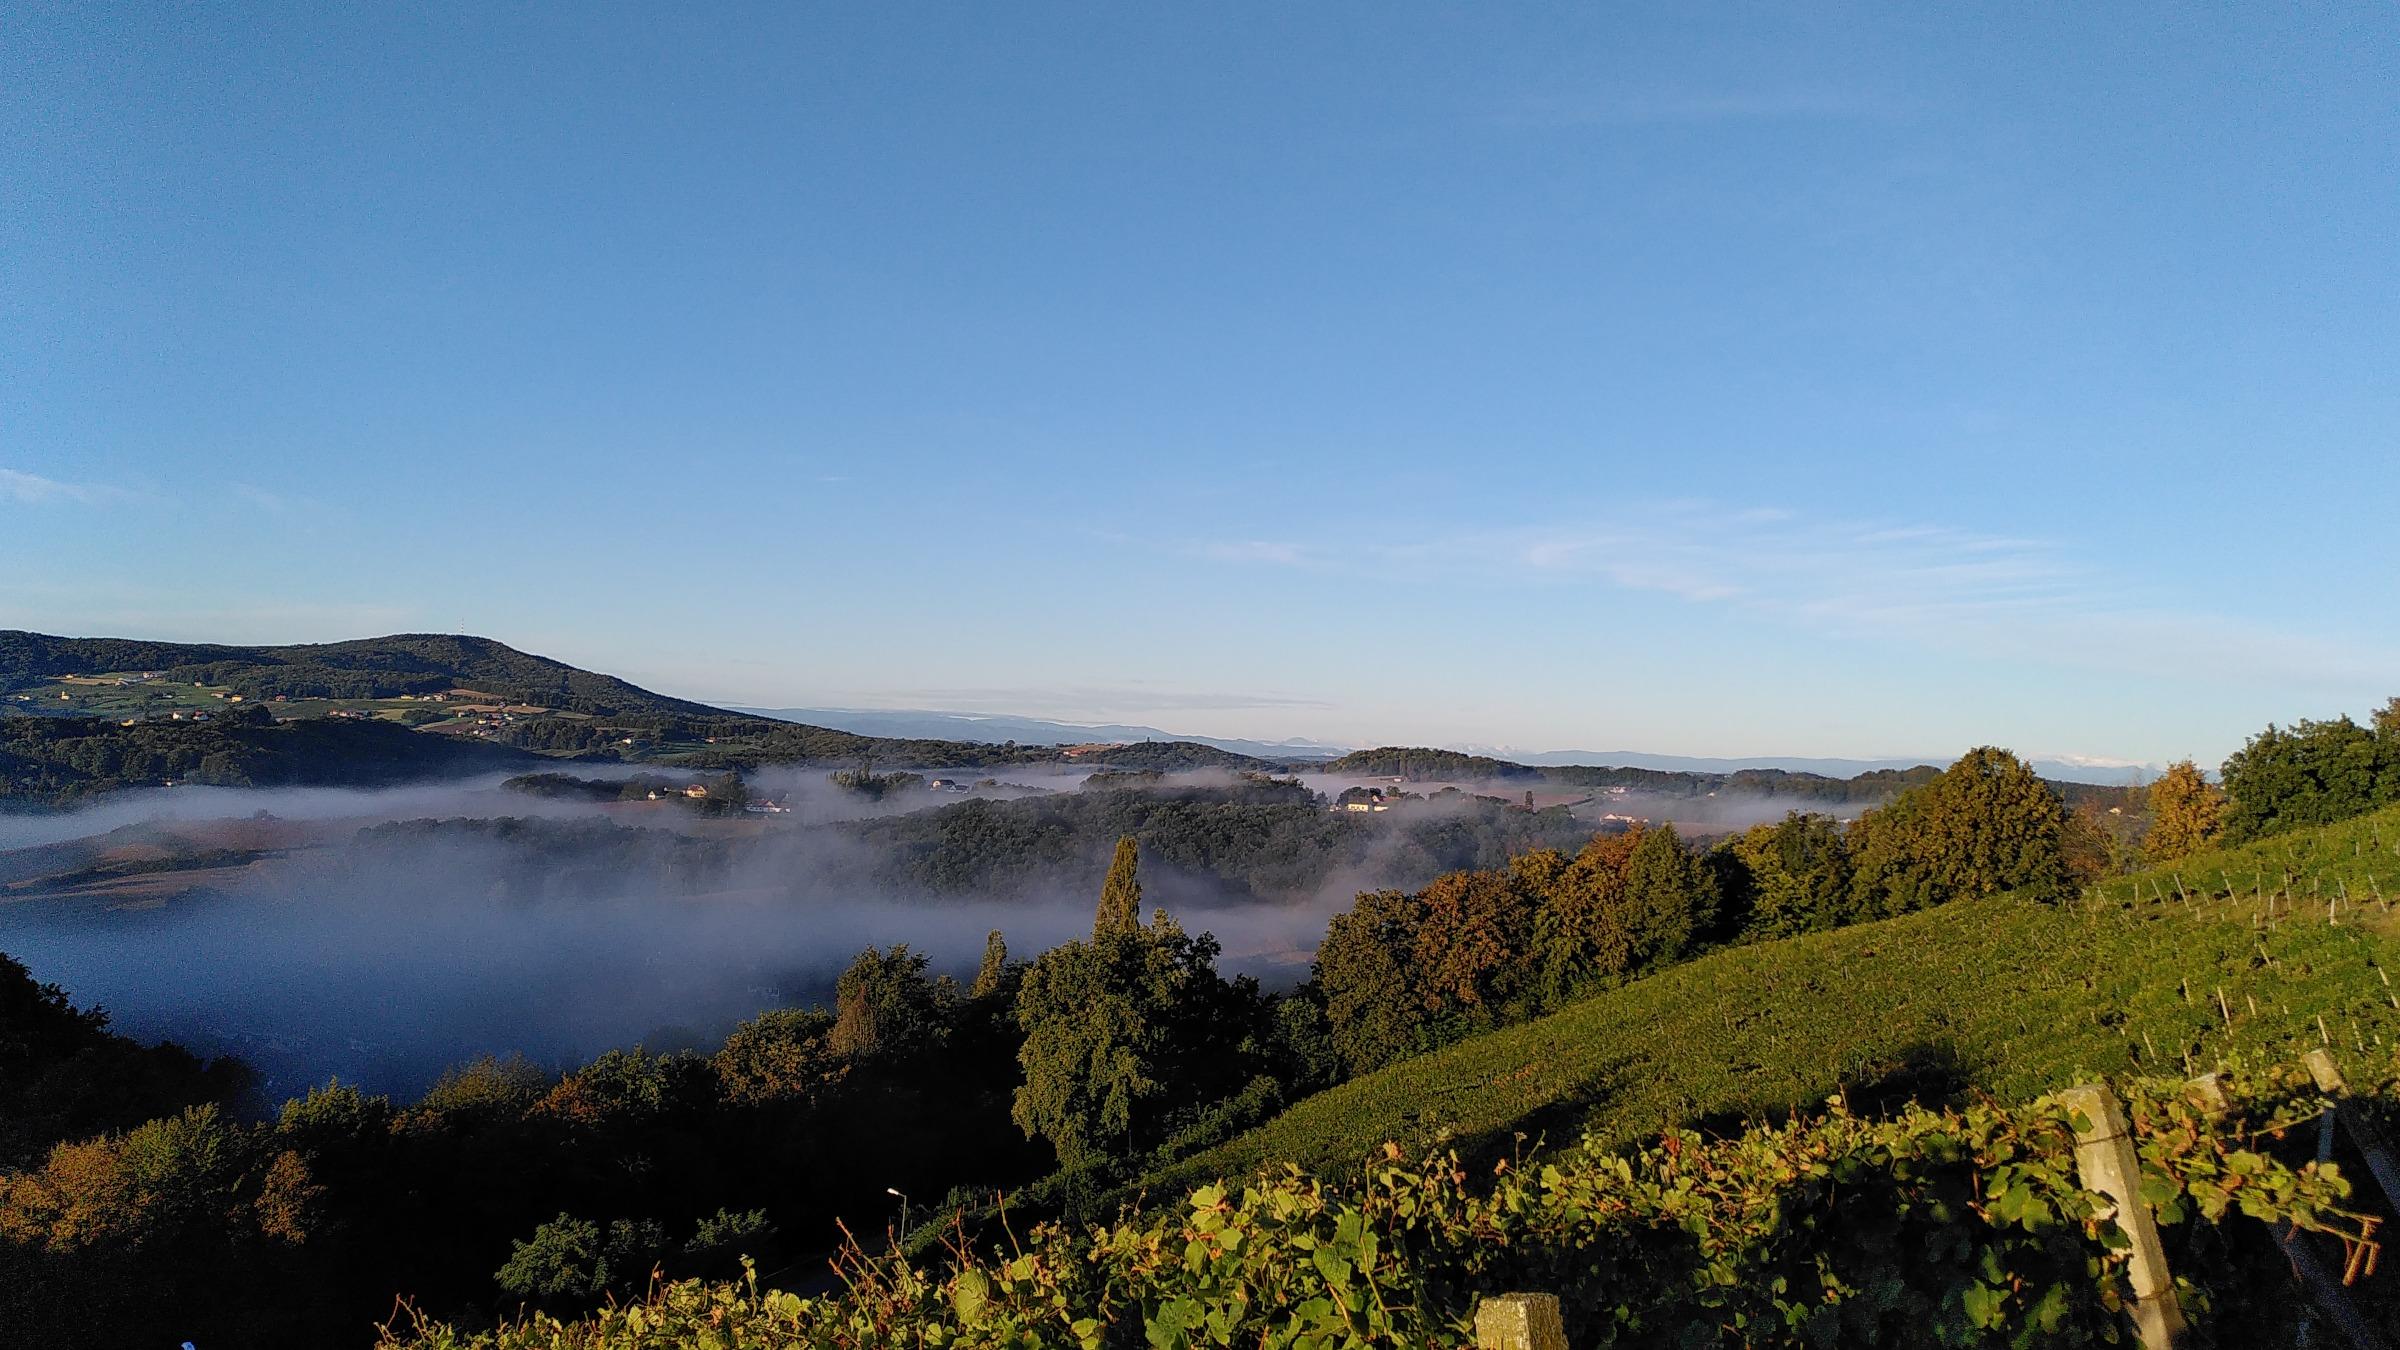 Im Herbst füllt sich das Tal unter der Kapfensteiner Kirchleiten oft mit Nebel. Vom Weingut Winkler-Hermaden zeigt sich dieses Spektakel oftmals am Vormittag.